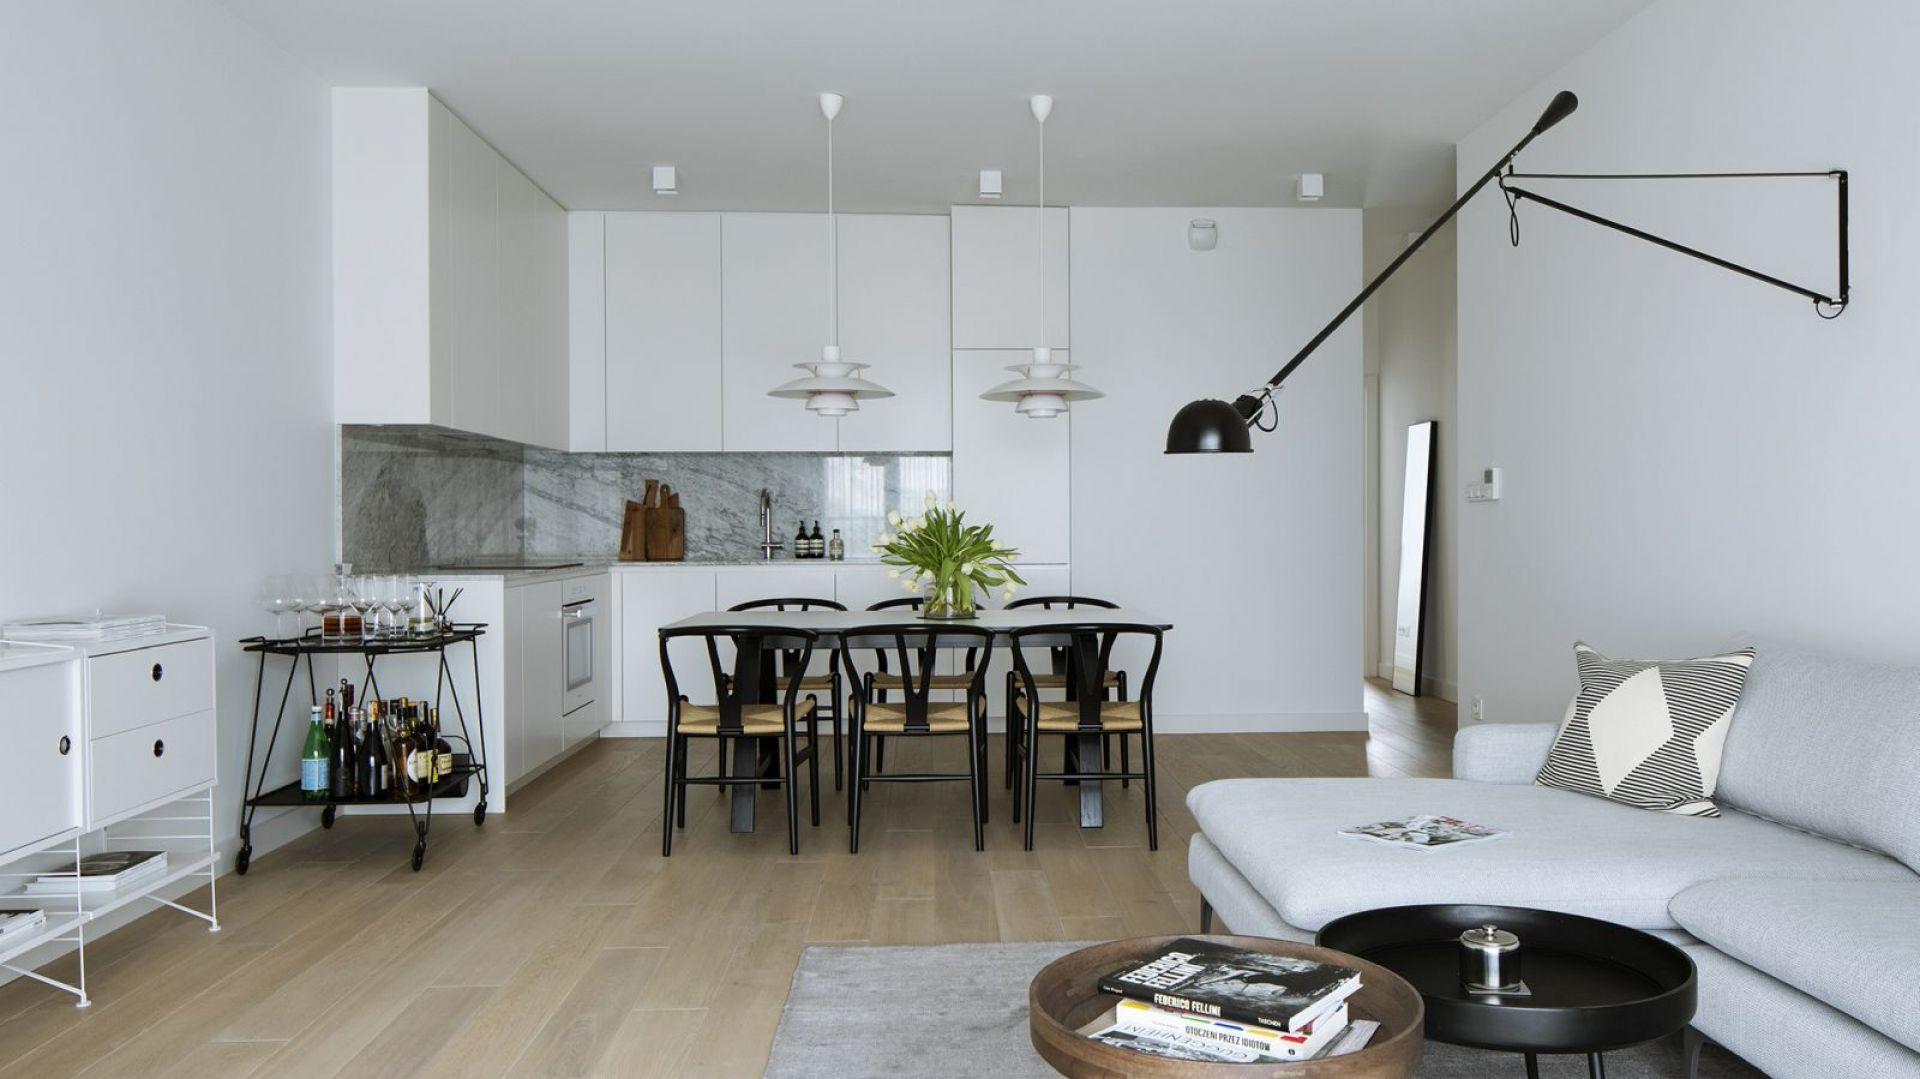 Otwarcie wnętrza oraz zastosowanie bieli optycznie powiększyło przestrzeń. Fot. Madama